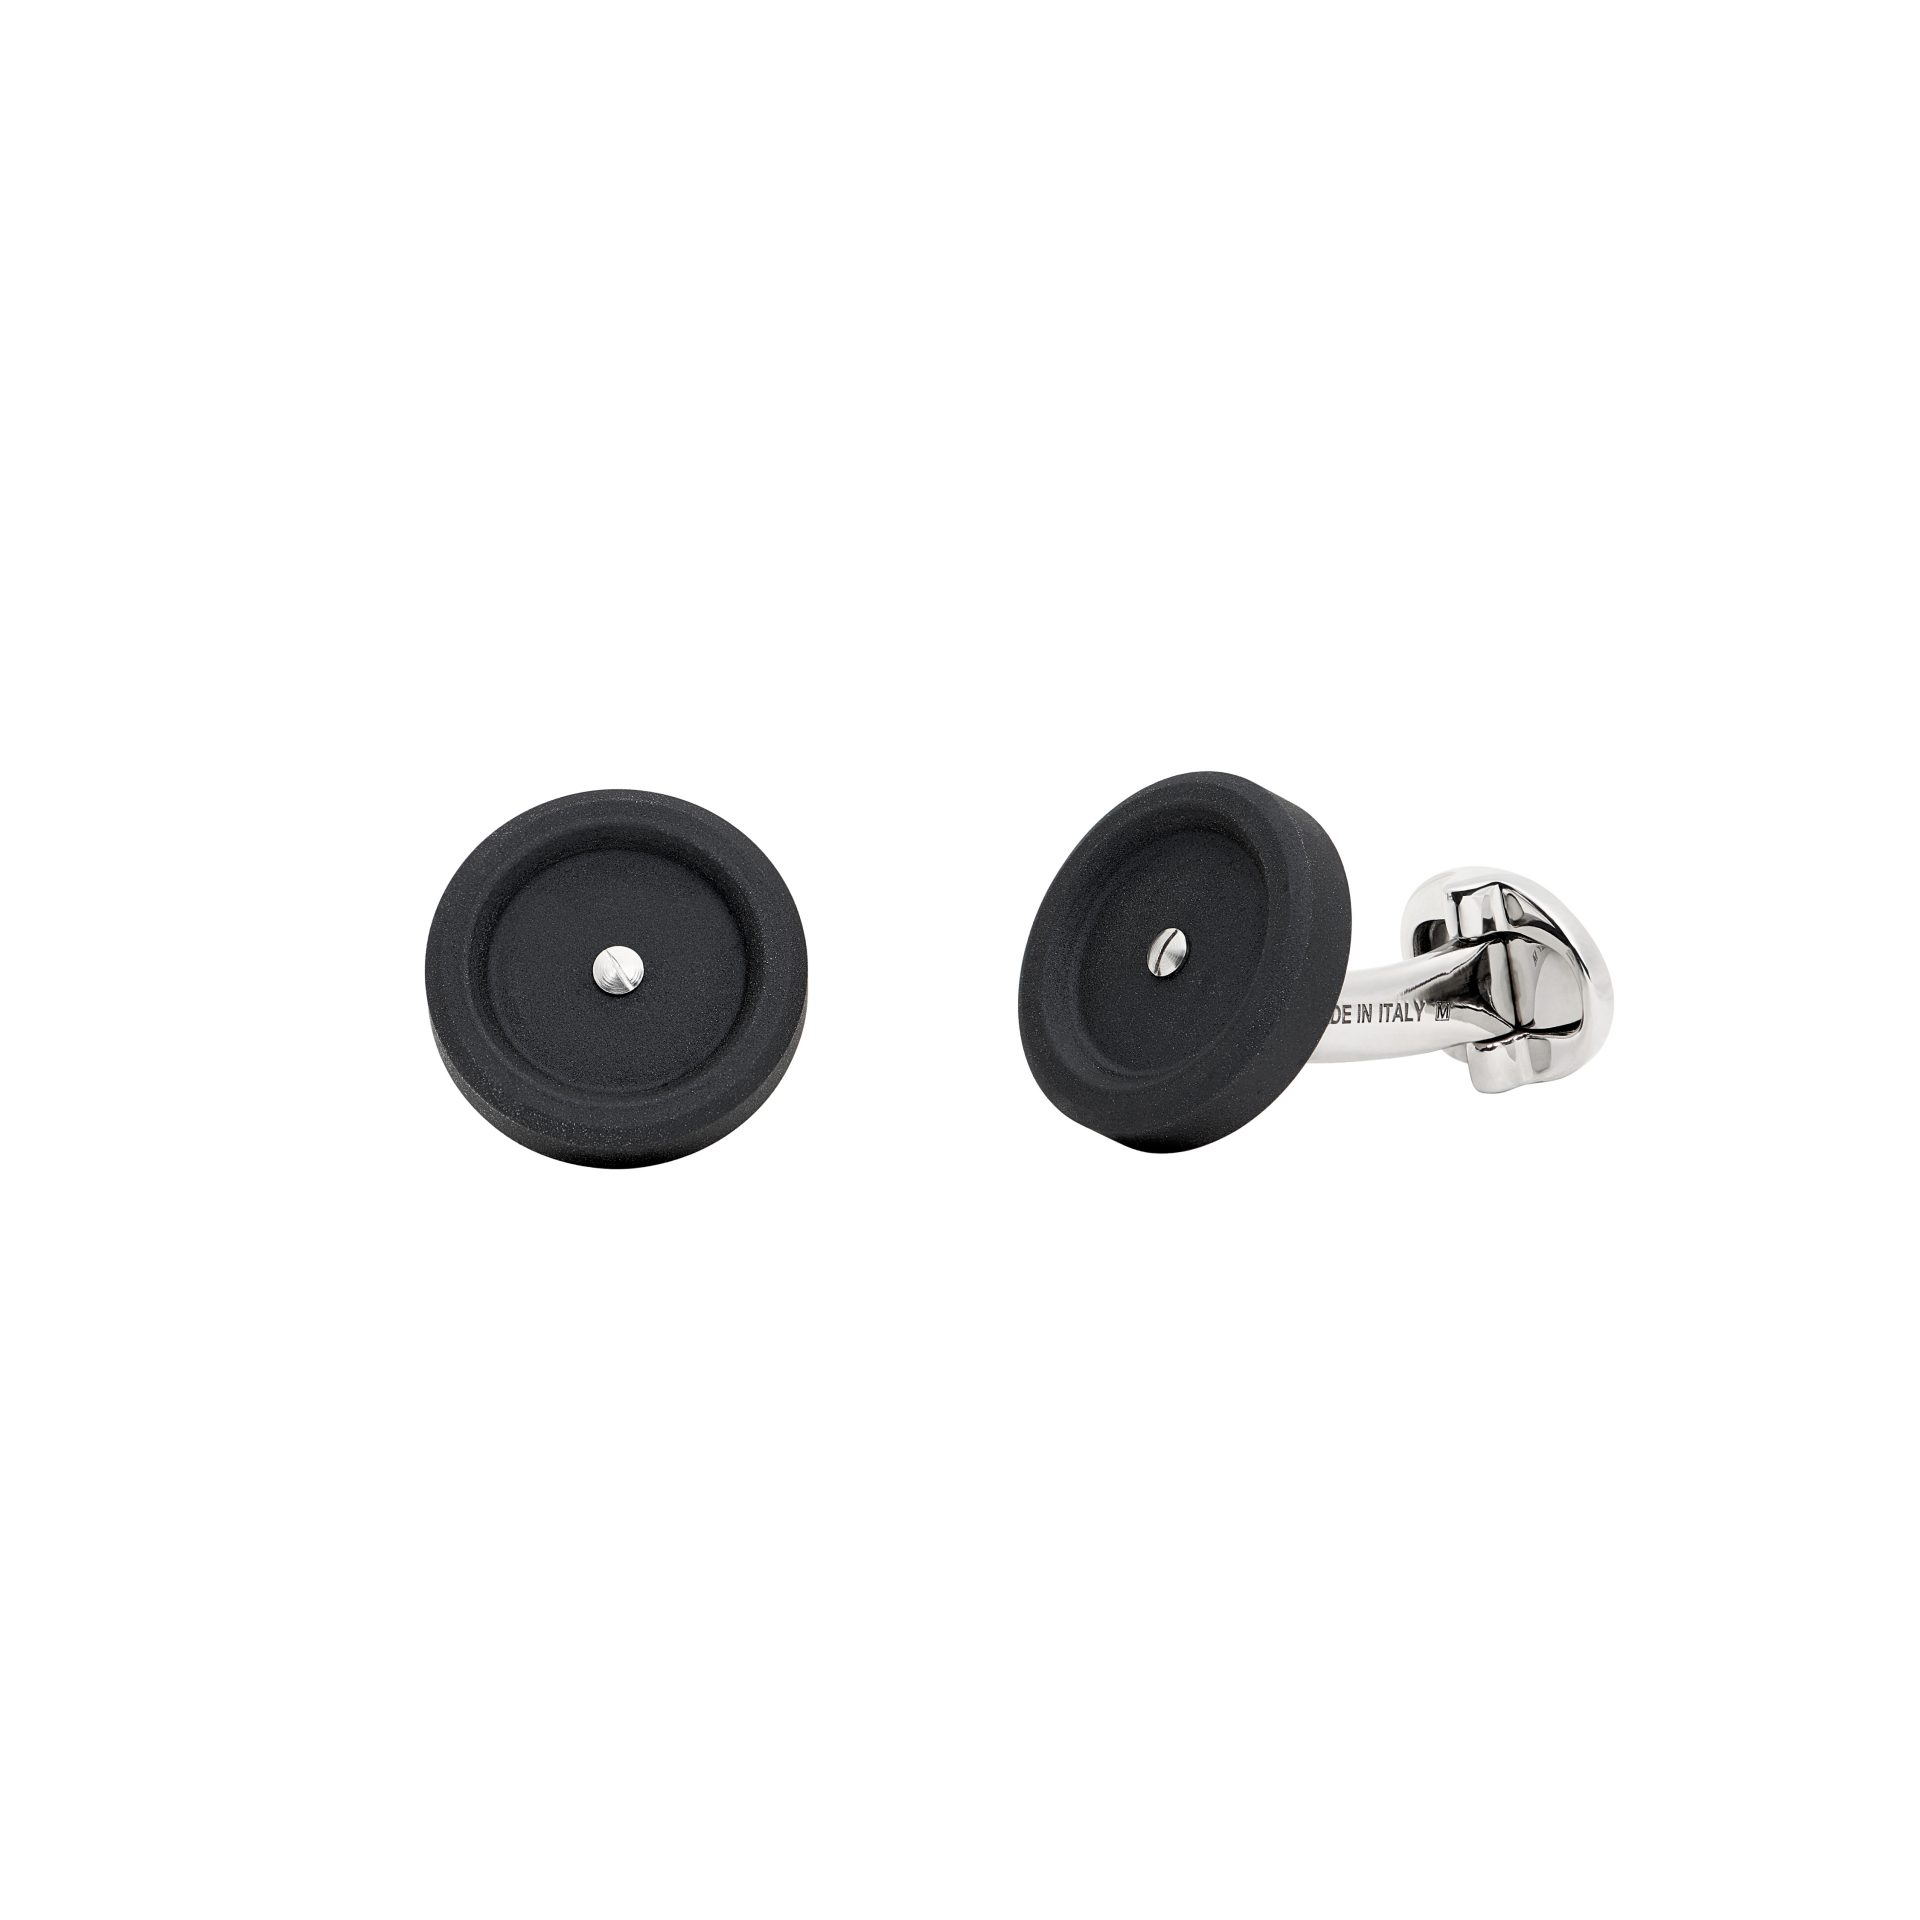 Mini Black Cufflinks